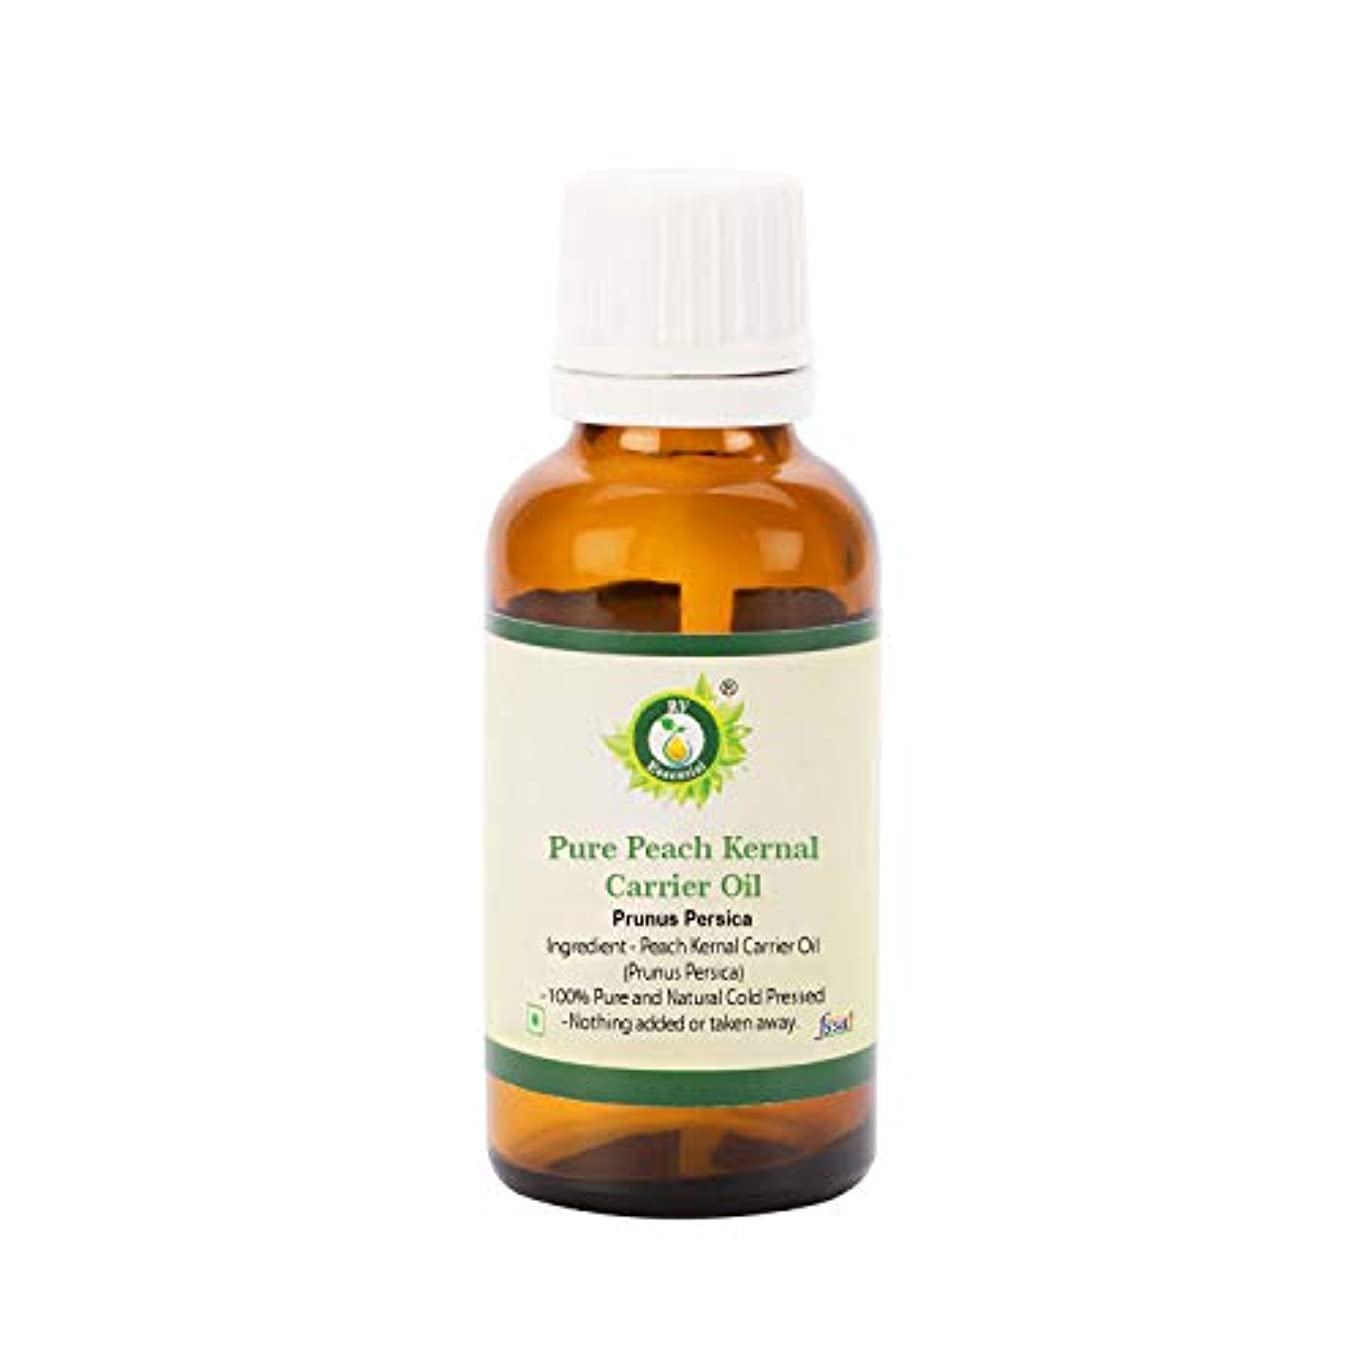 言い直す気配りのある斧R V Essential ピュアピーチ Kernalキャリアオイル5ml (0.169oz)- Prunus Persica (100%ピュア&ナチュラルコールドPressed) Pure Peach Kernal Carrier...